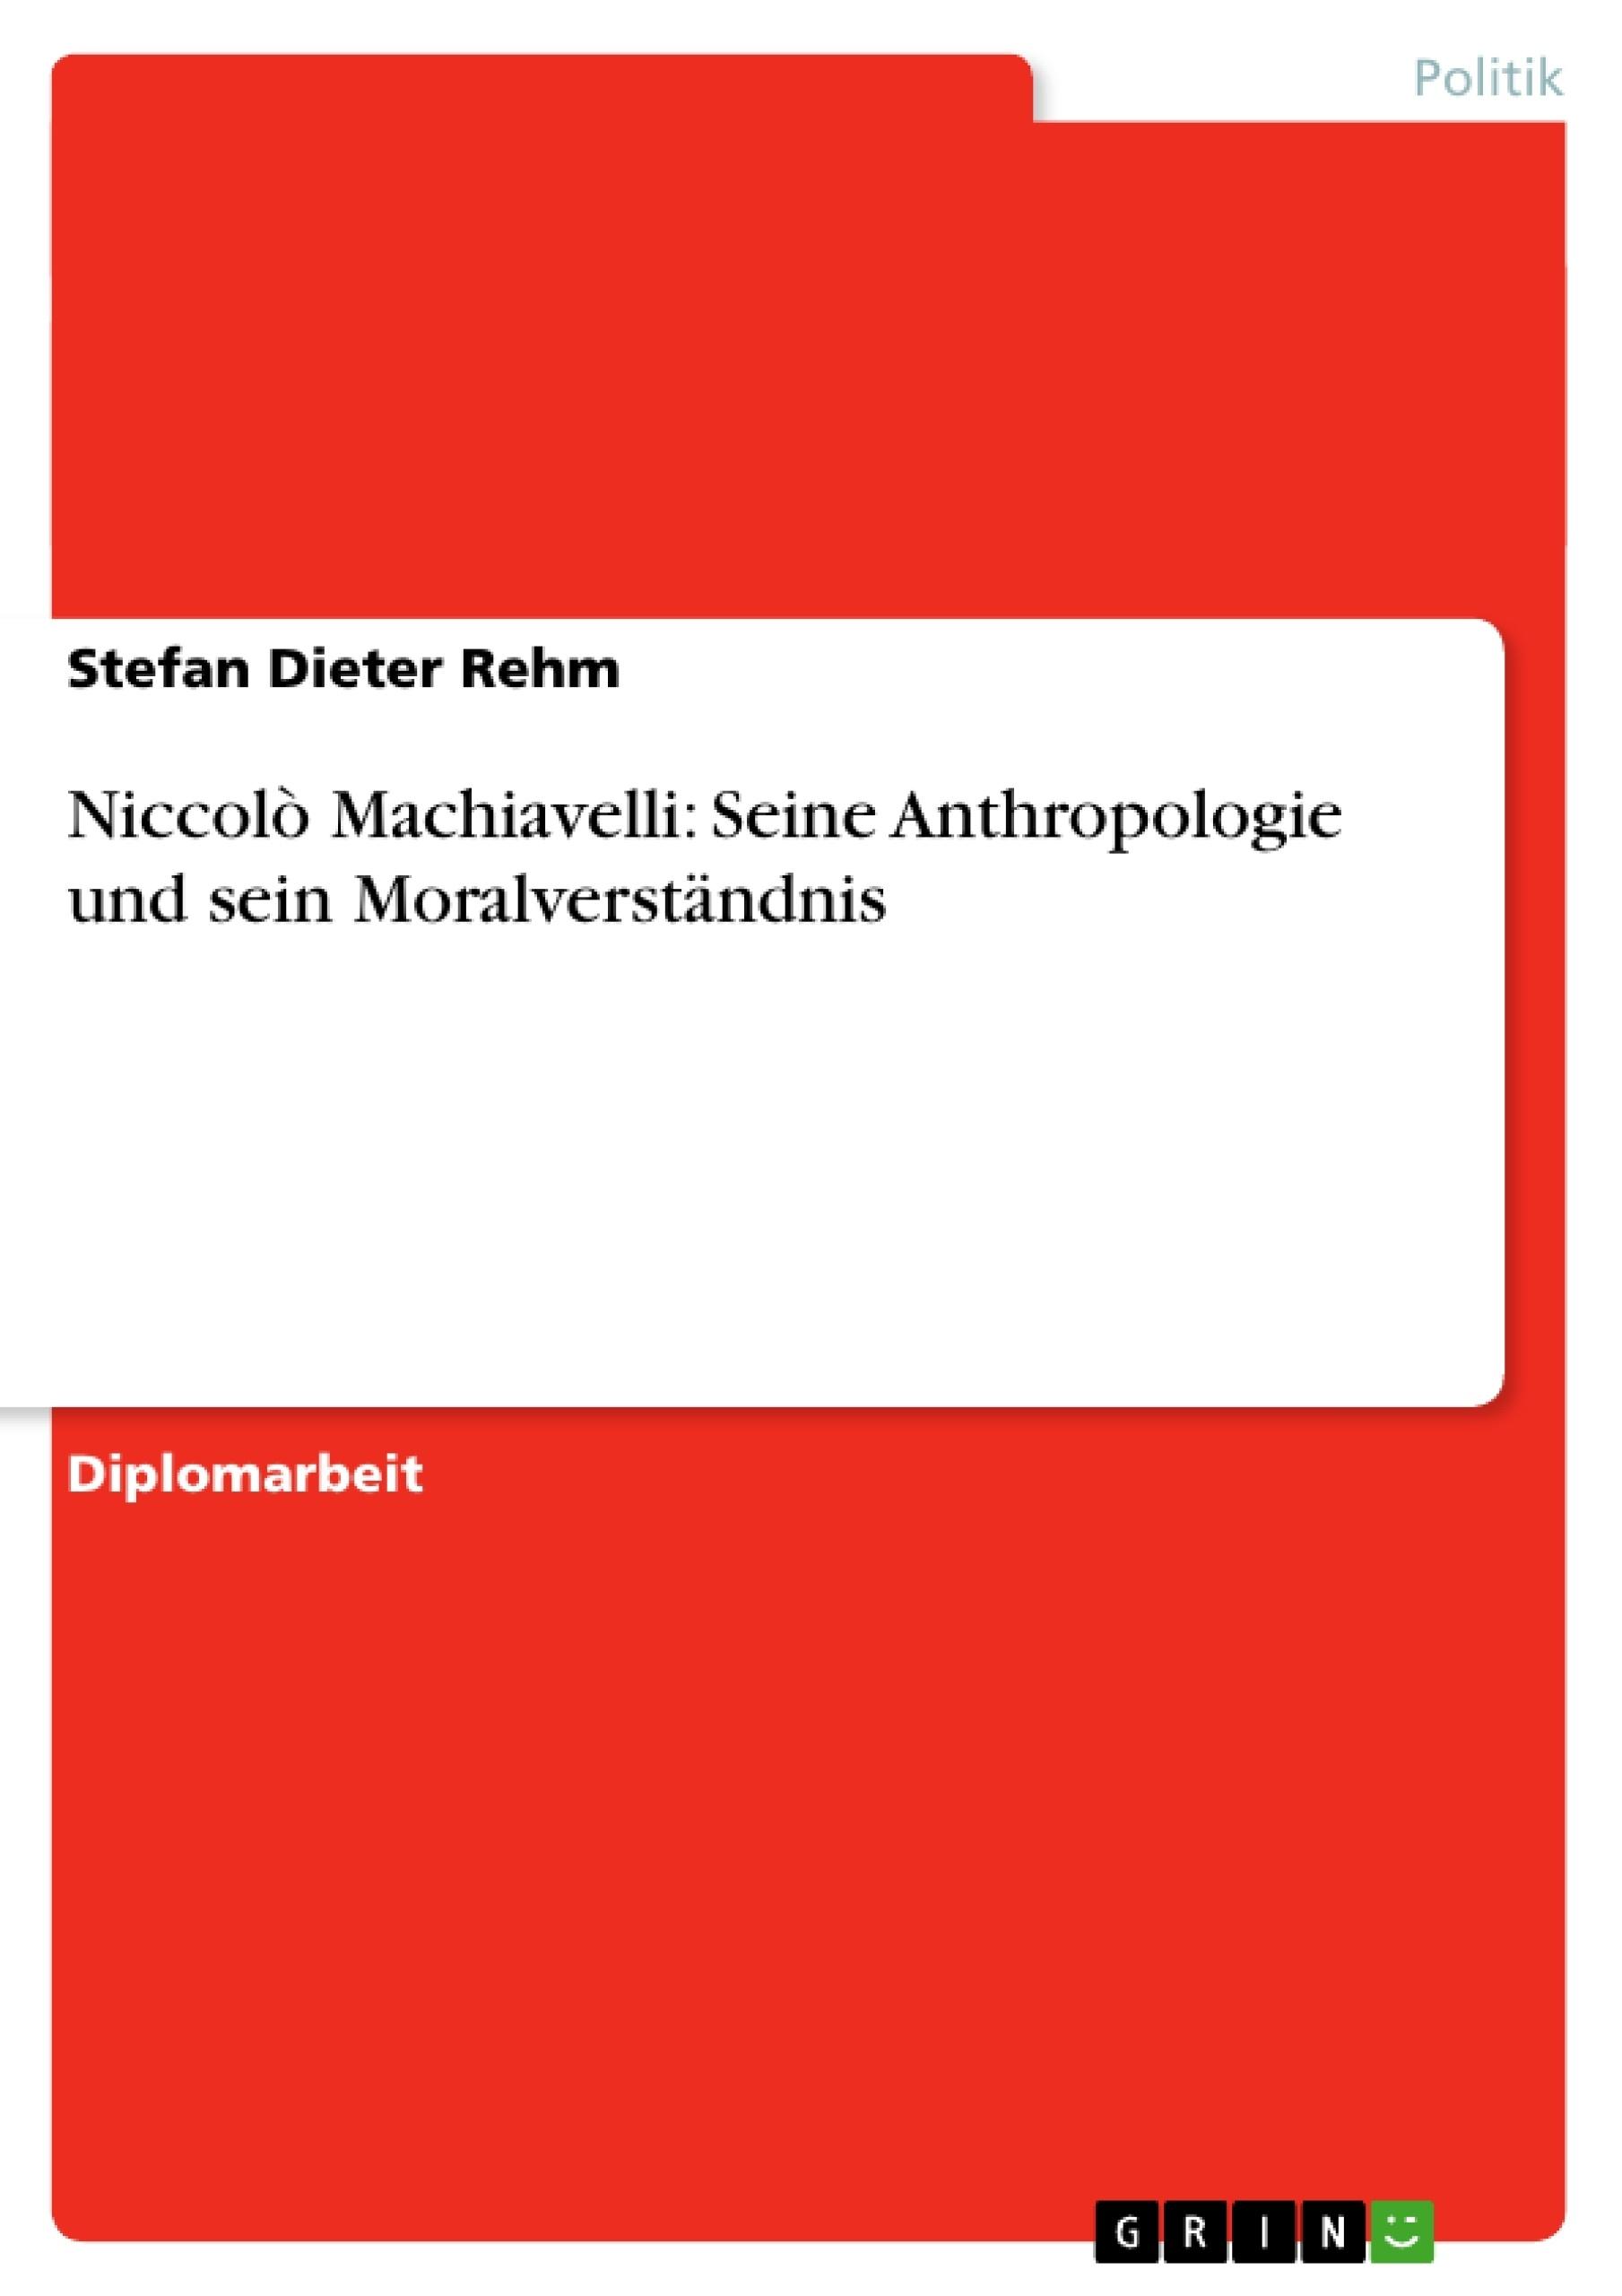 Titel: Niccolò Machiavelli: Seine Anthropologie und sein Moralverständnis